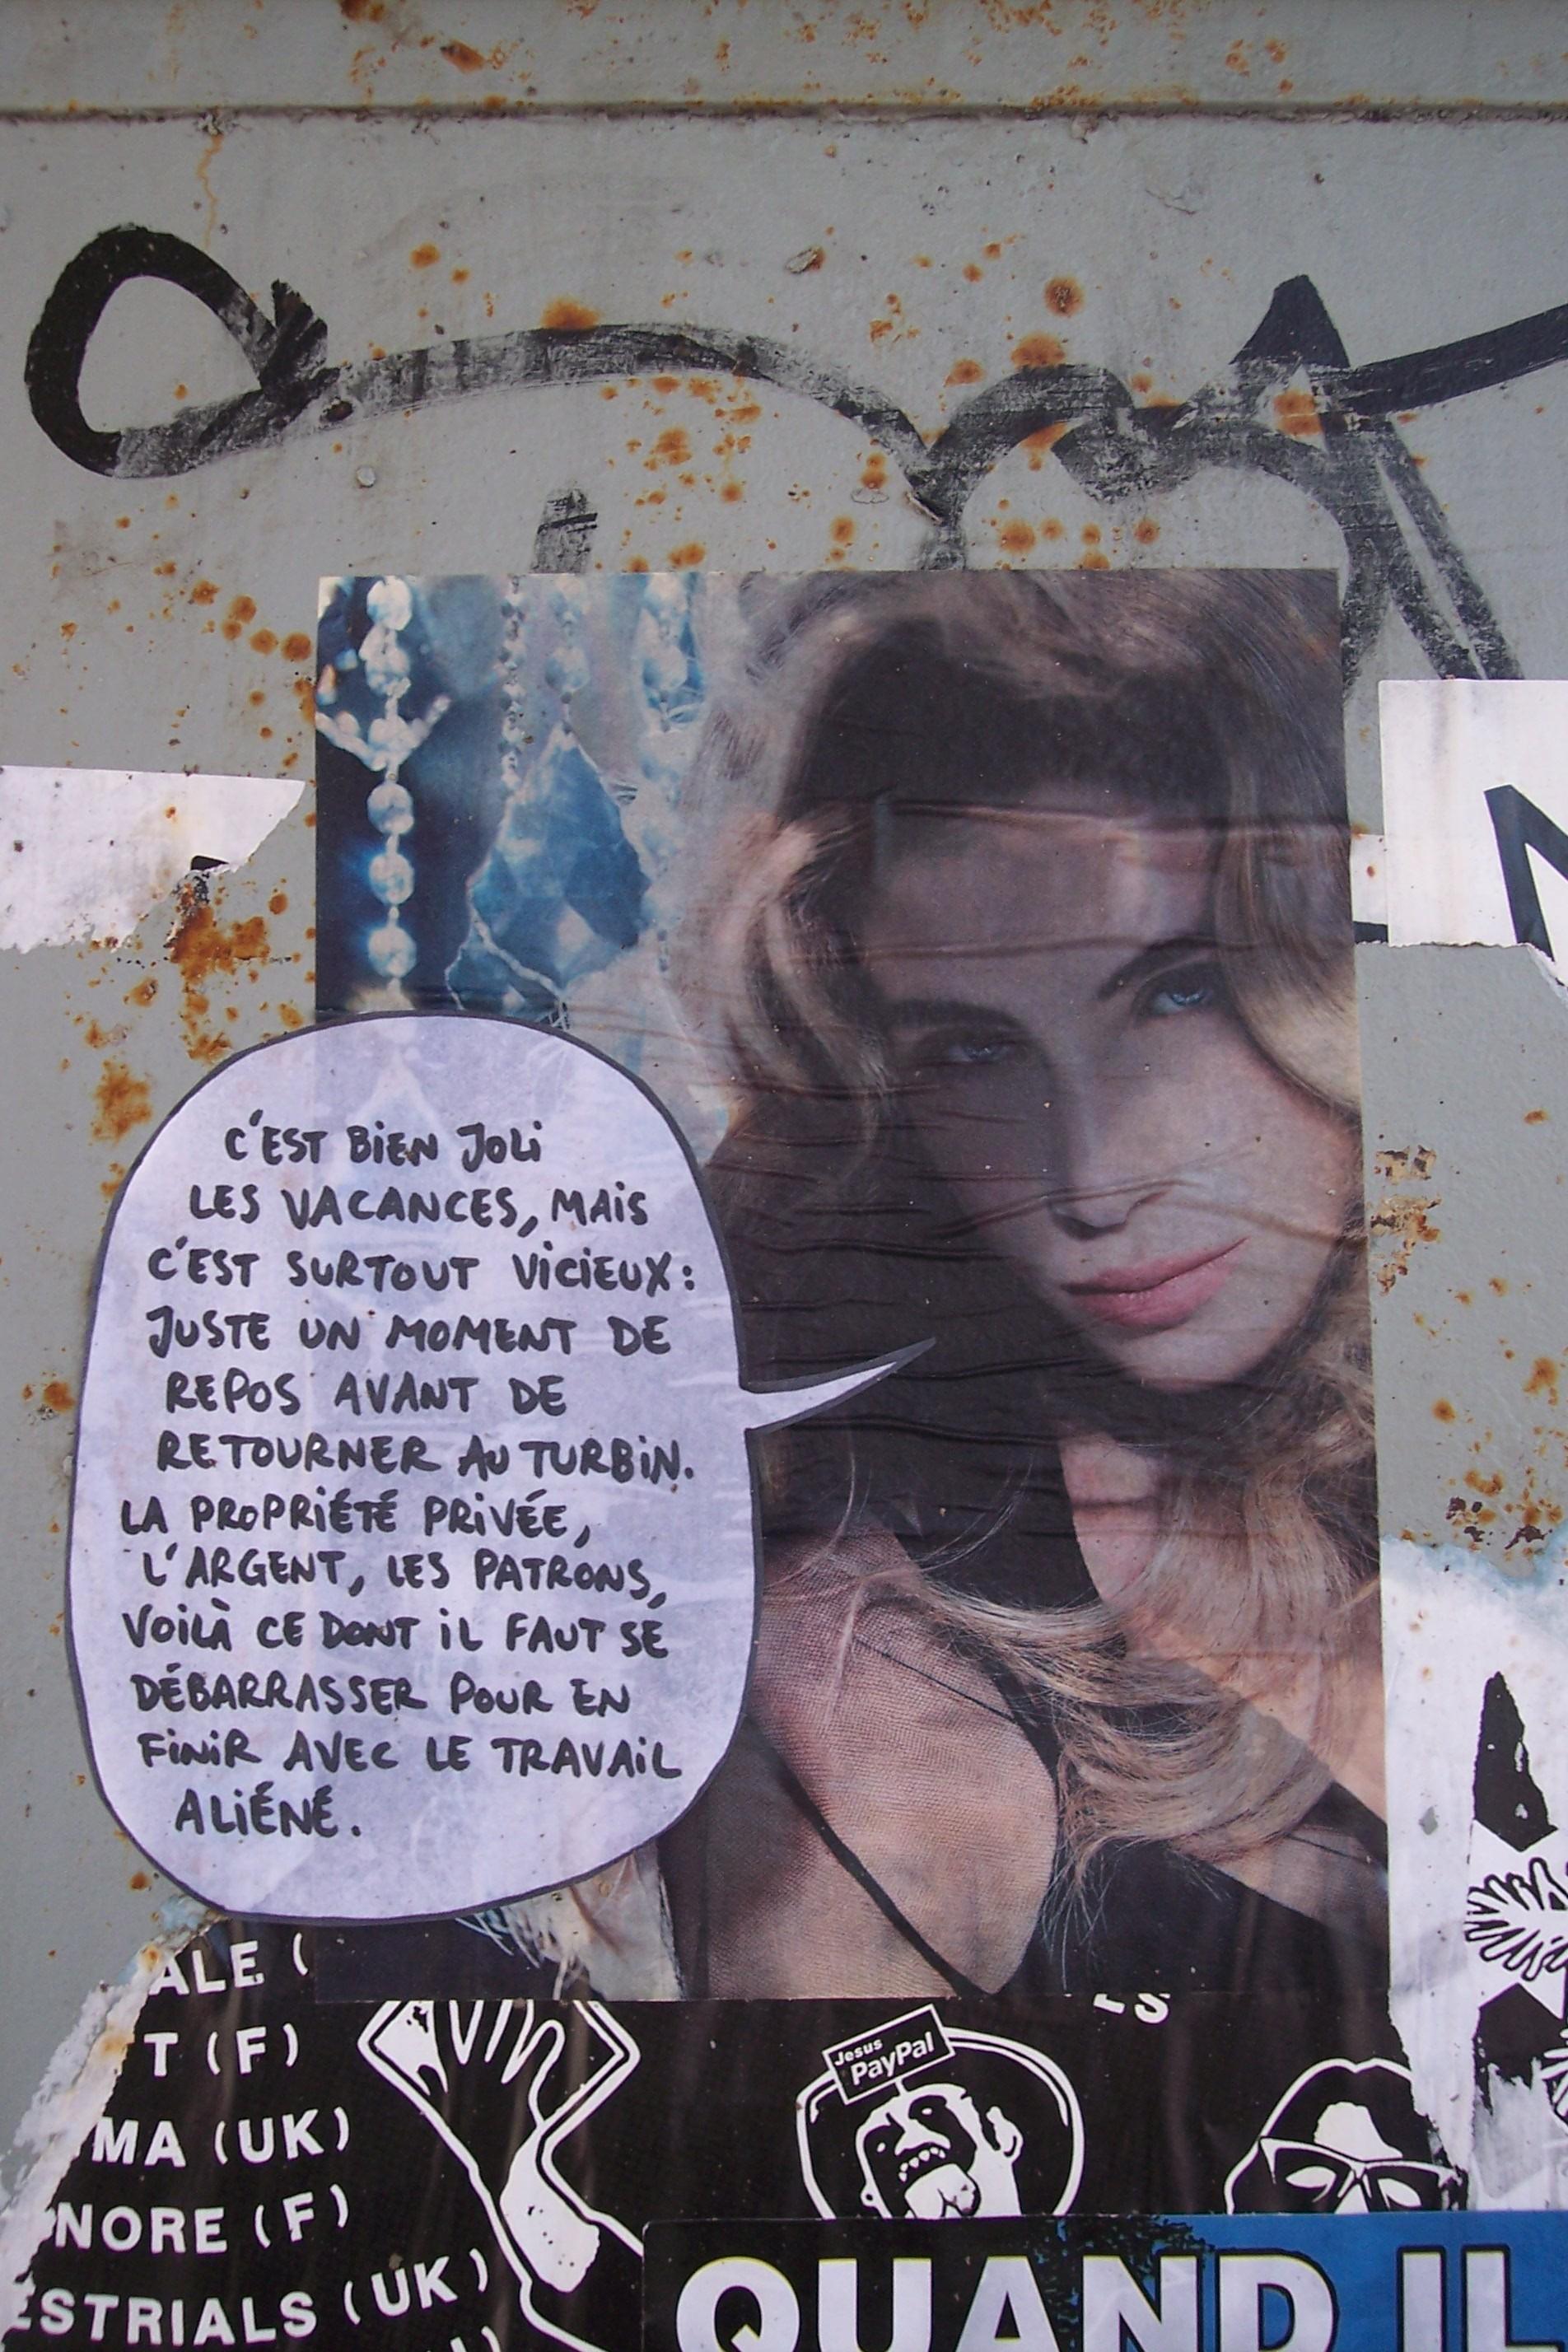 http://juralib.noblogs.org/files/2012/08/2012-07-16_Dijon_BldDeLUniversite-g.jpg